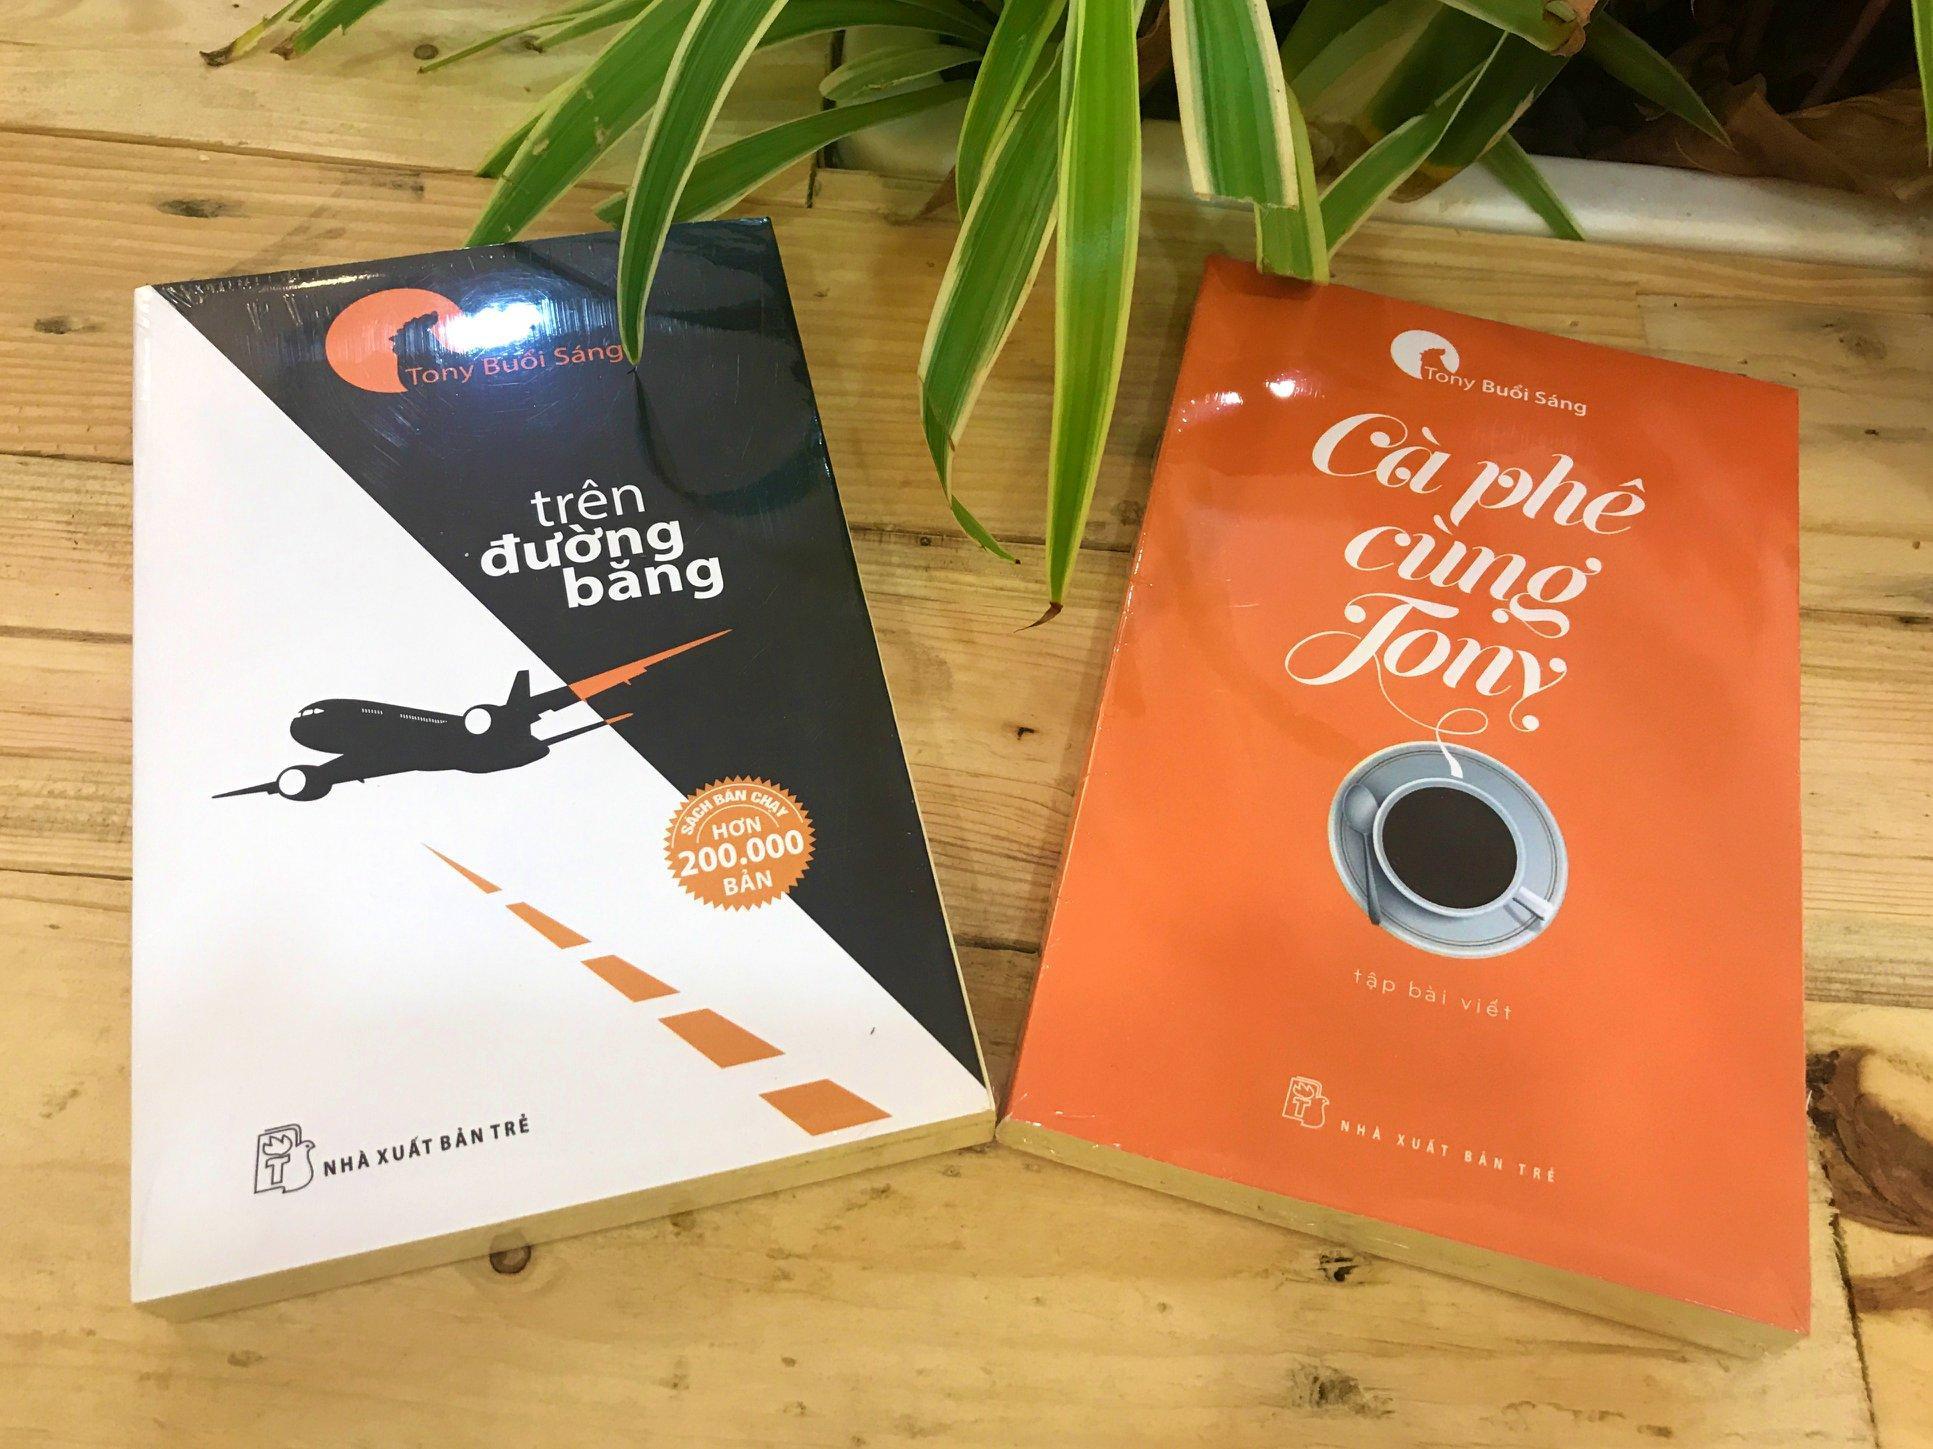 Mua Combo 2 Sách: Tony Buổi Sáng - Trên Đường Băng + Cà Phê Cùng Tony - Tái Bản